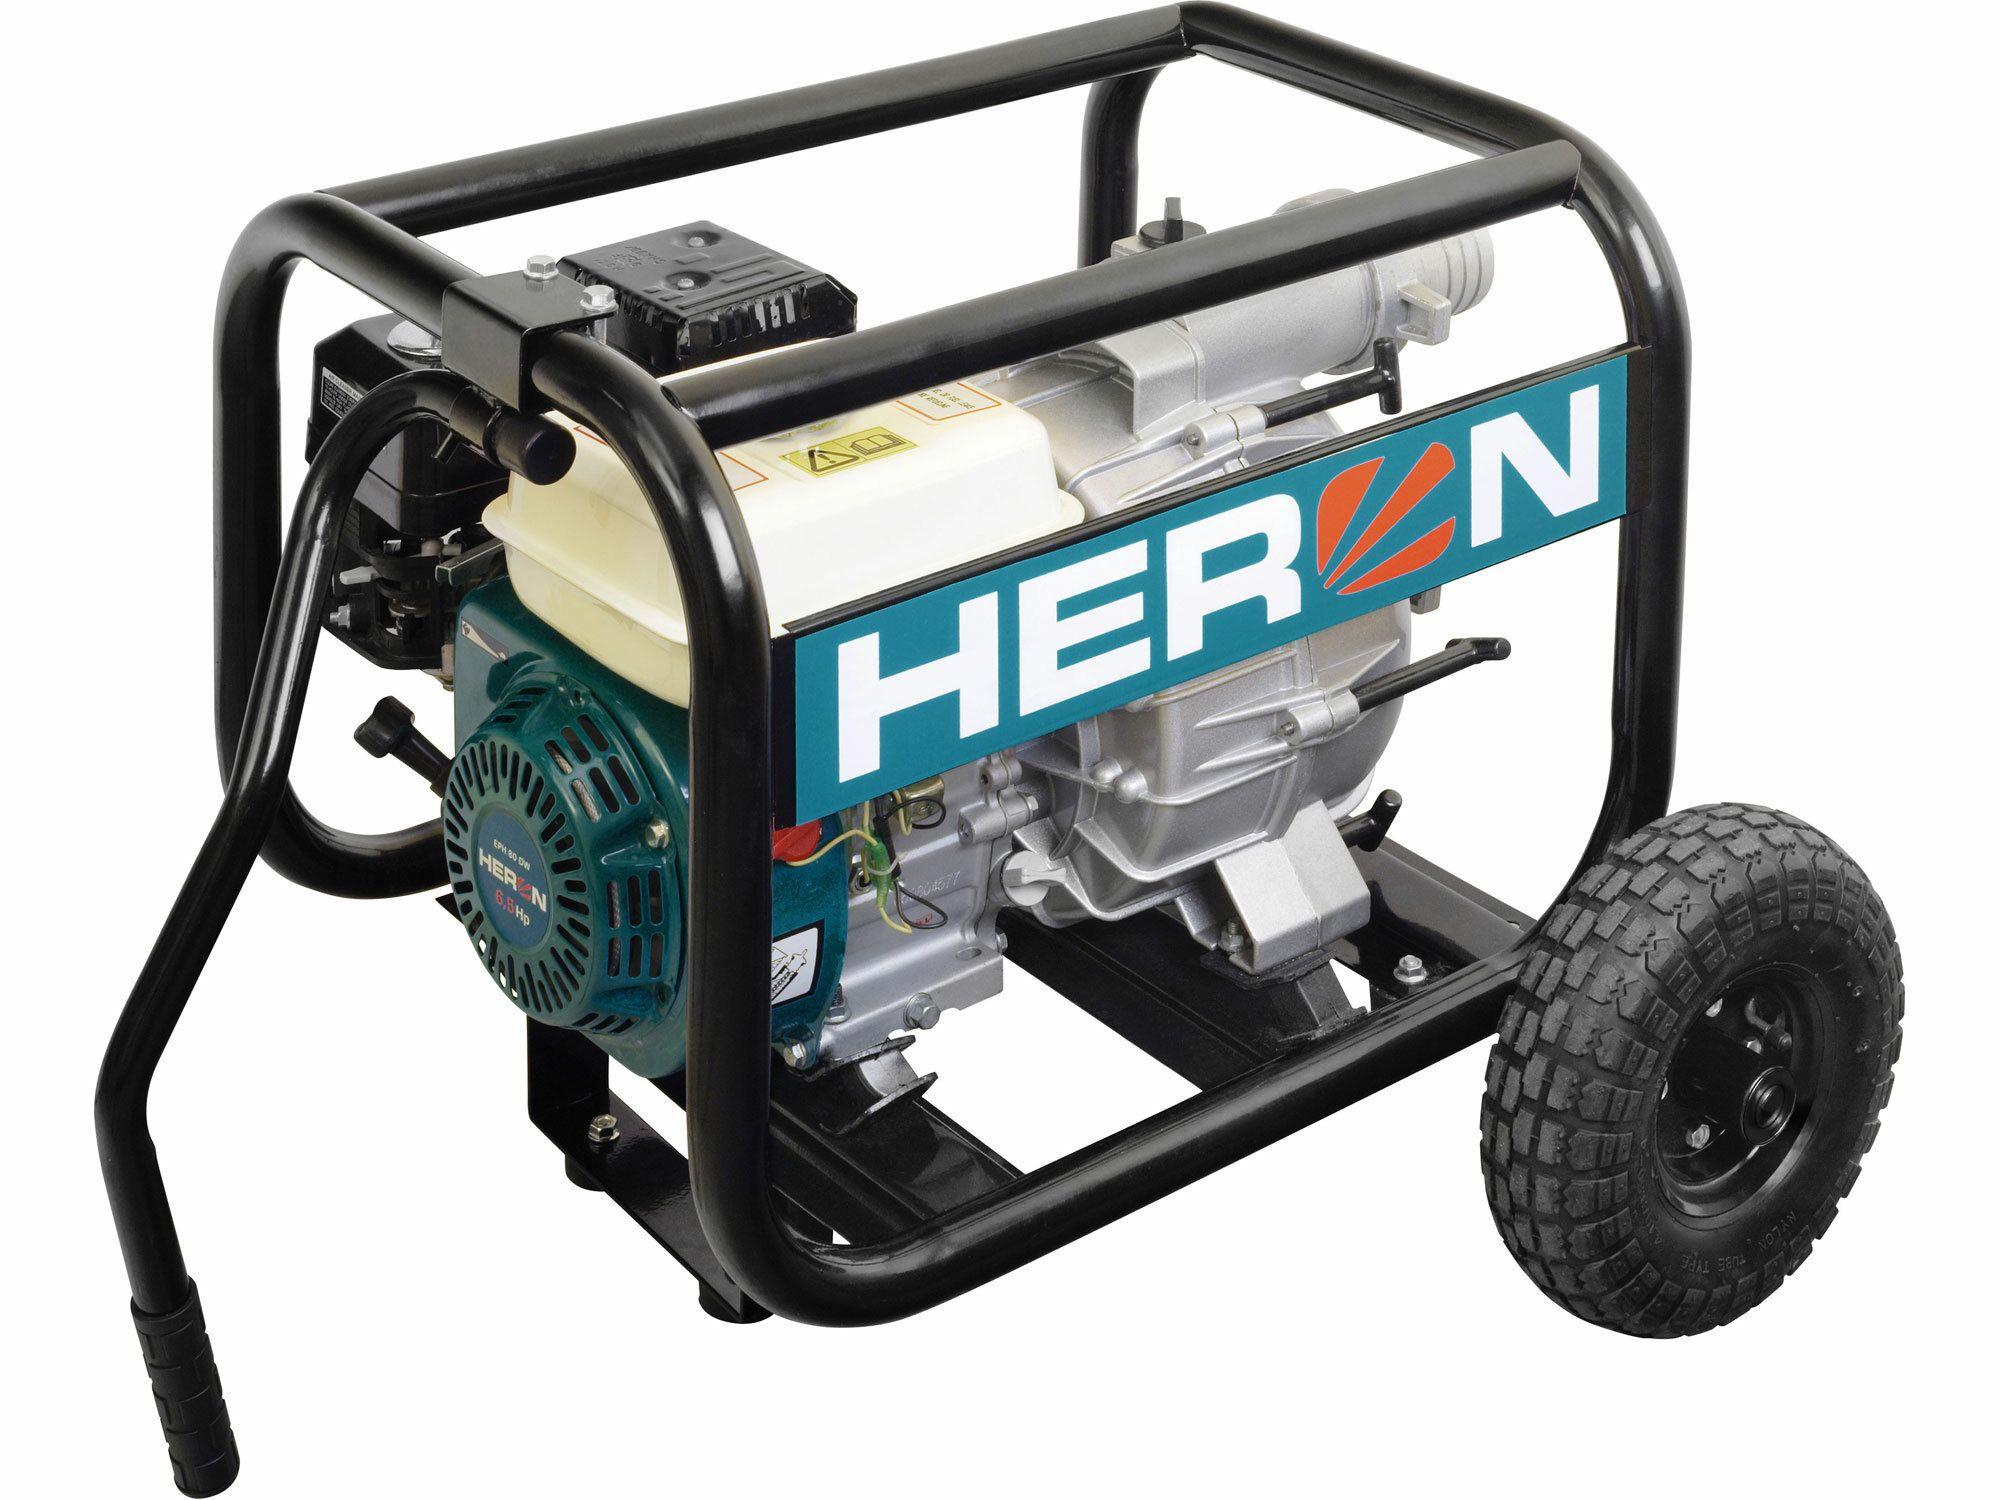 """Čerpadlo motorové kalové 6,5HP, 3""""/3"""" (76mm), 1300l/min = 78m3/hod, HERON, 8895105"""